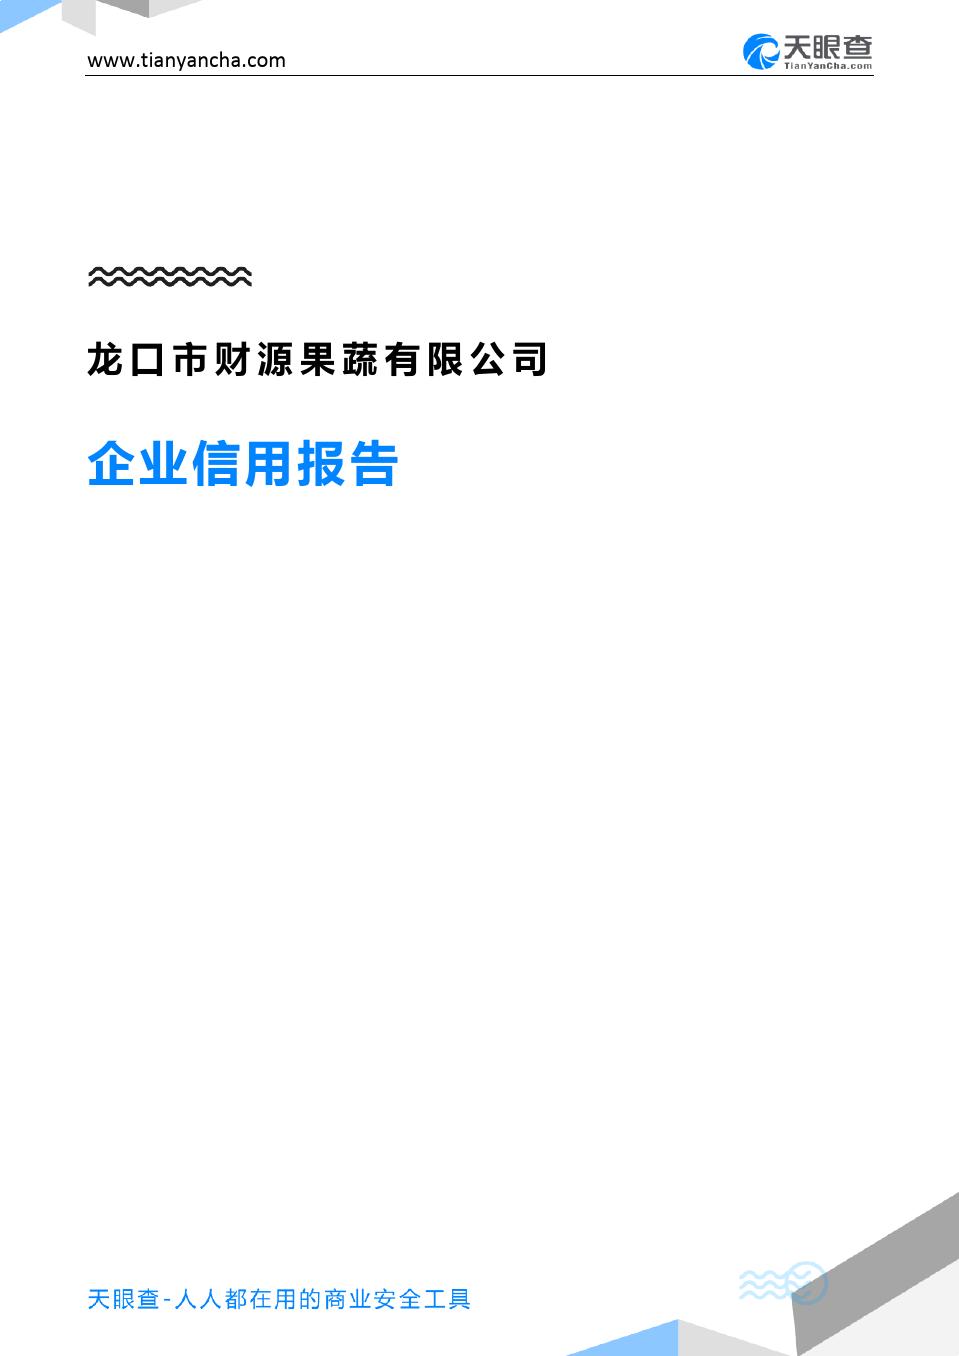 龙口市财源果蔬有限公司(企业信用报告)- 天眼查